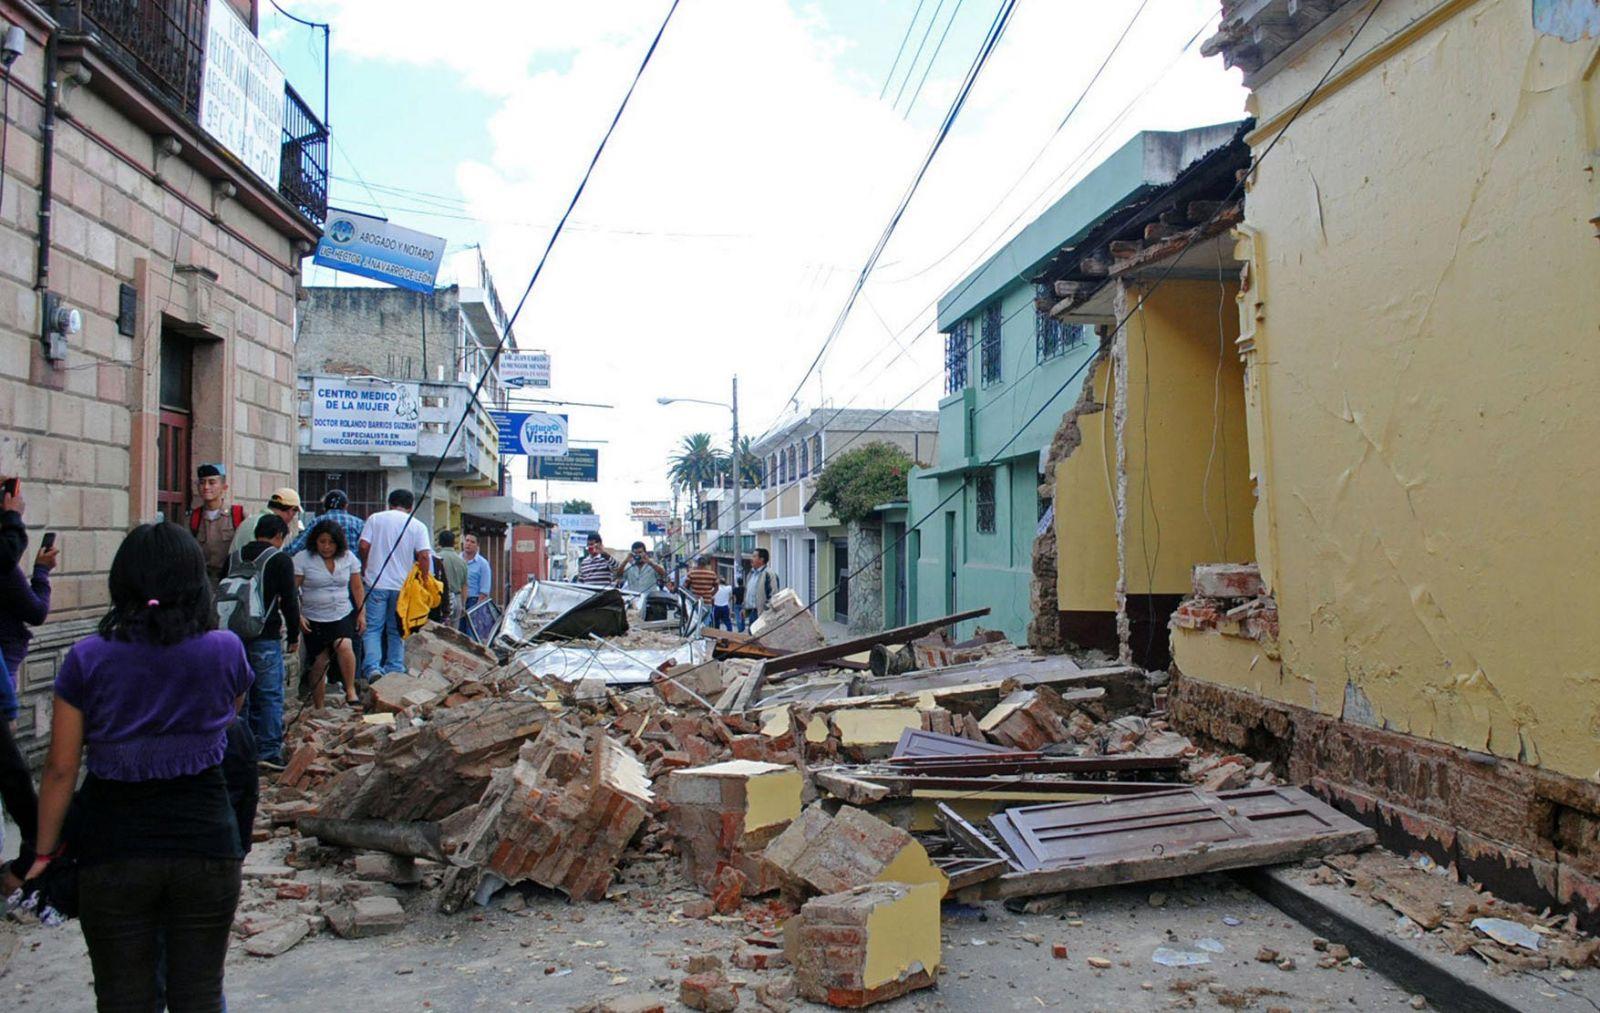 Desastre de dimensiones apocalípticas en Oaxaca y Chiapas